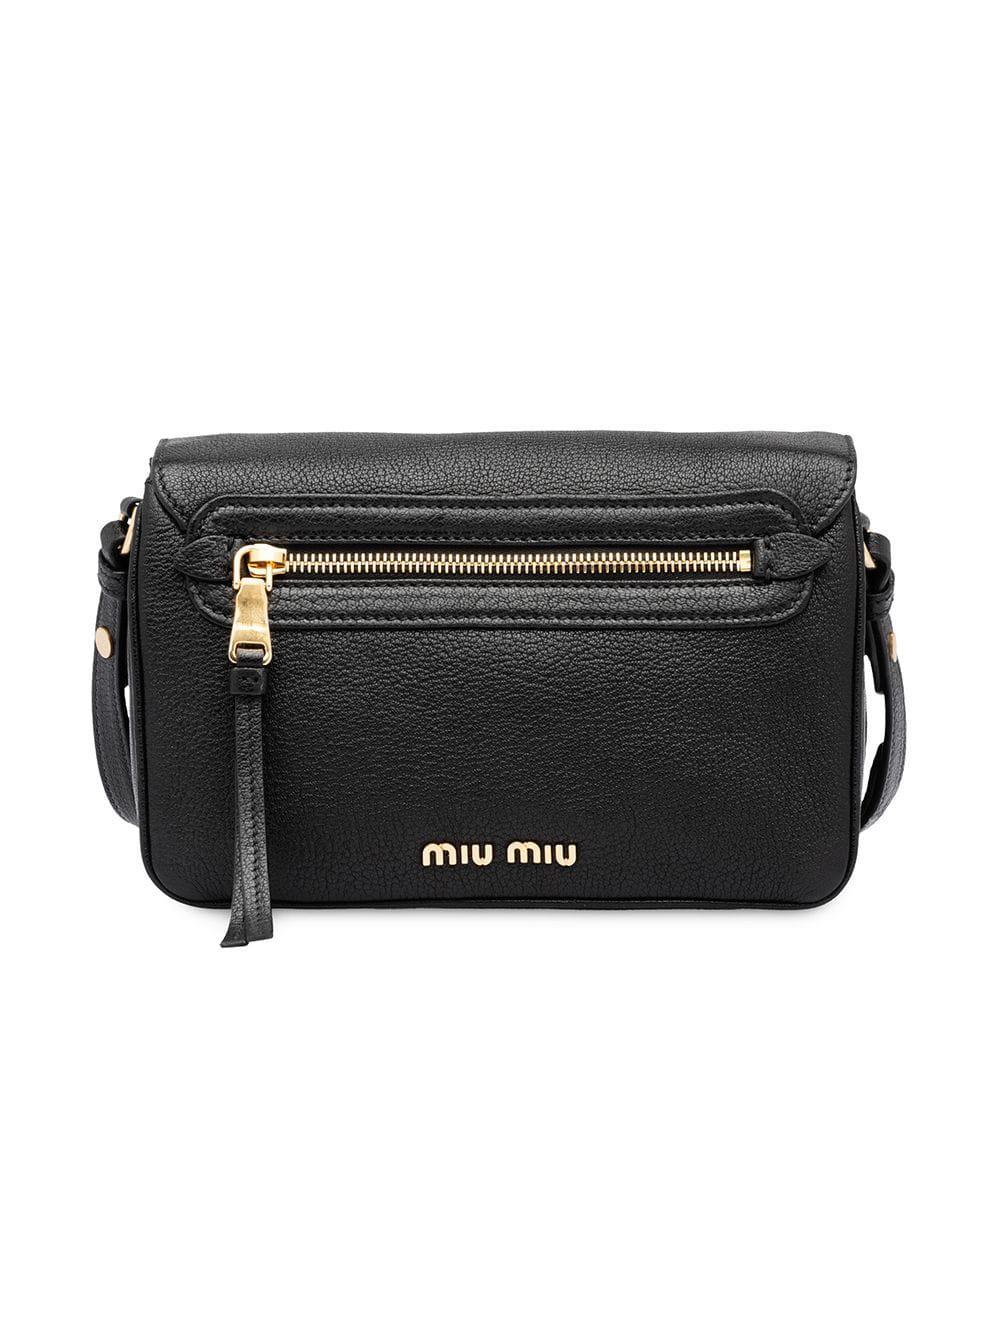 c2a0def07d1f Miu Miu - Black Foldover Top Shoulder Bag - Lyst. View fullscreen